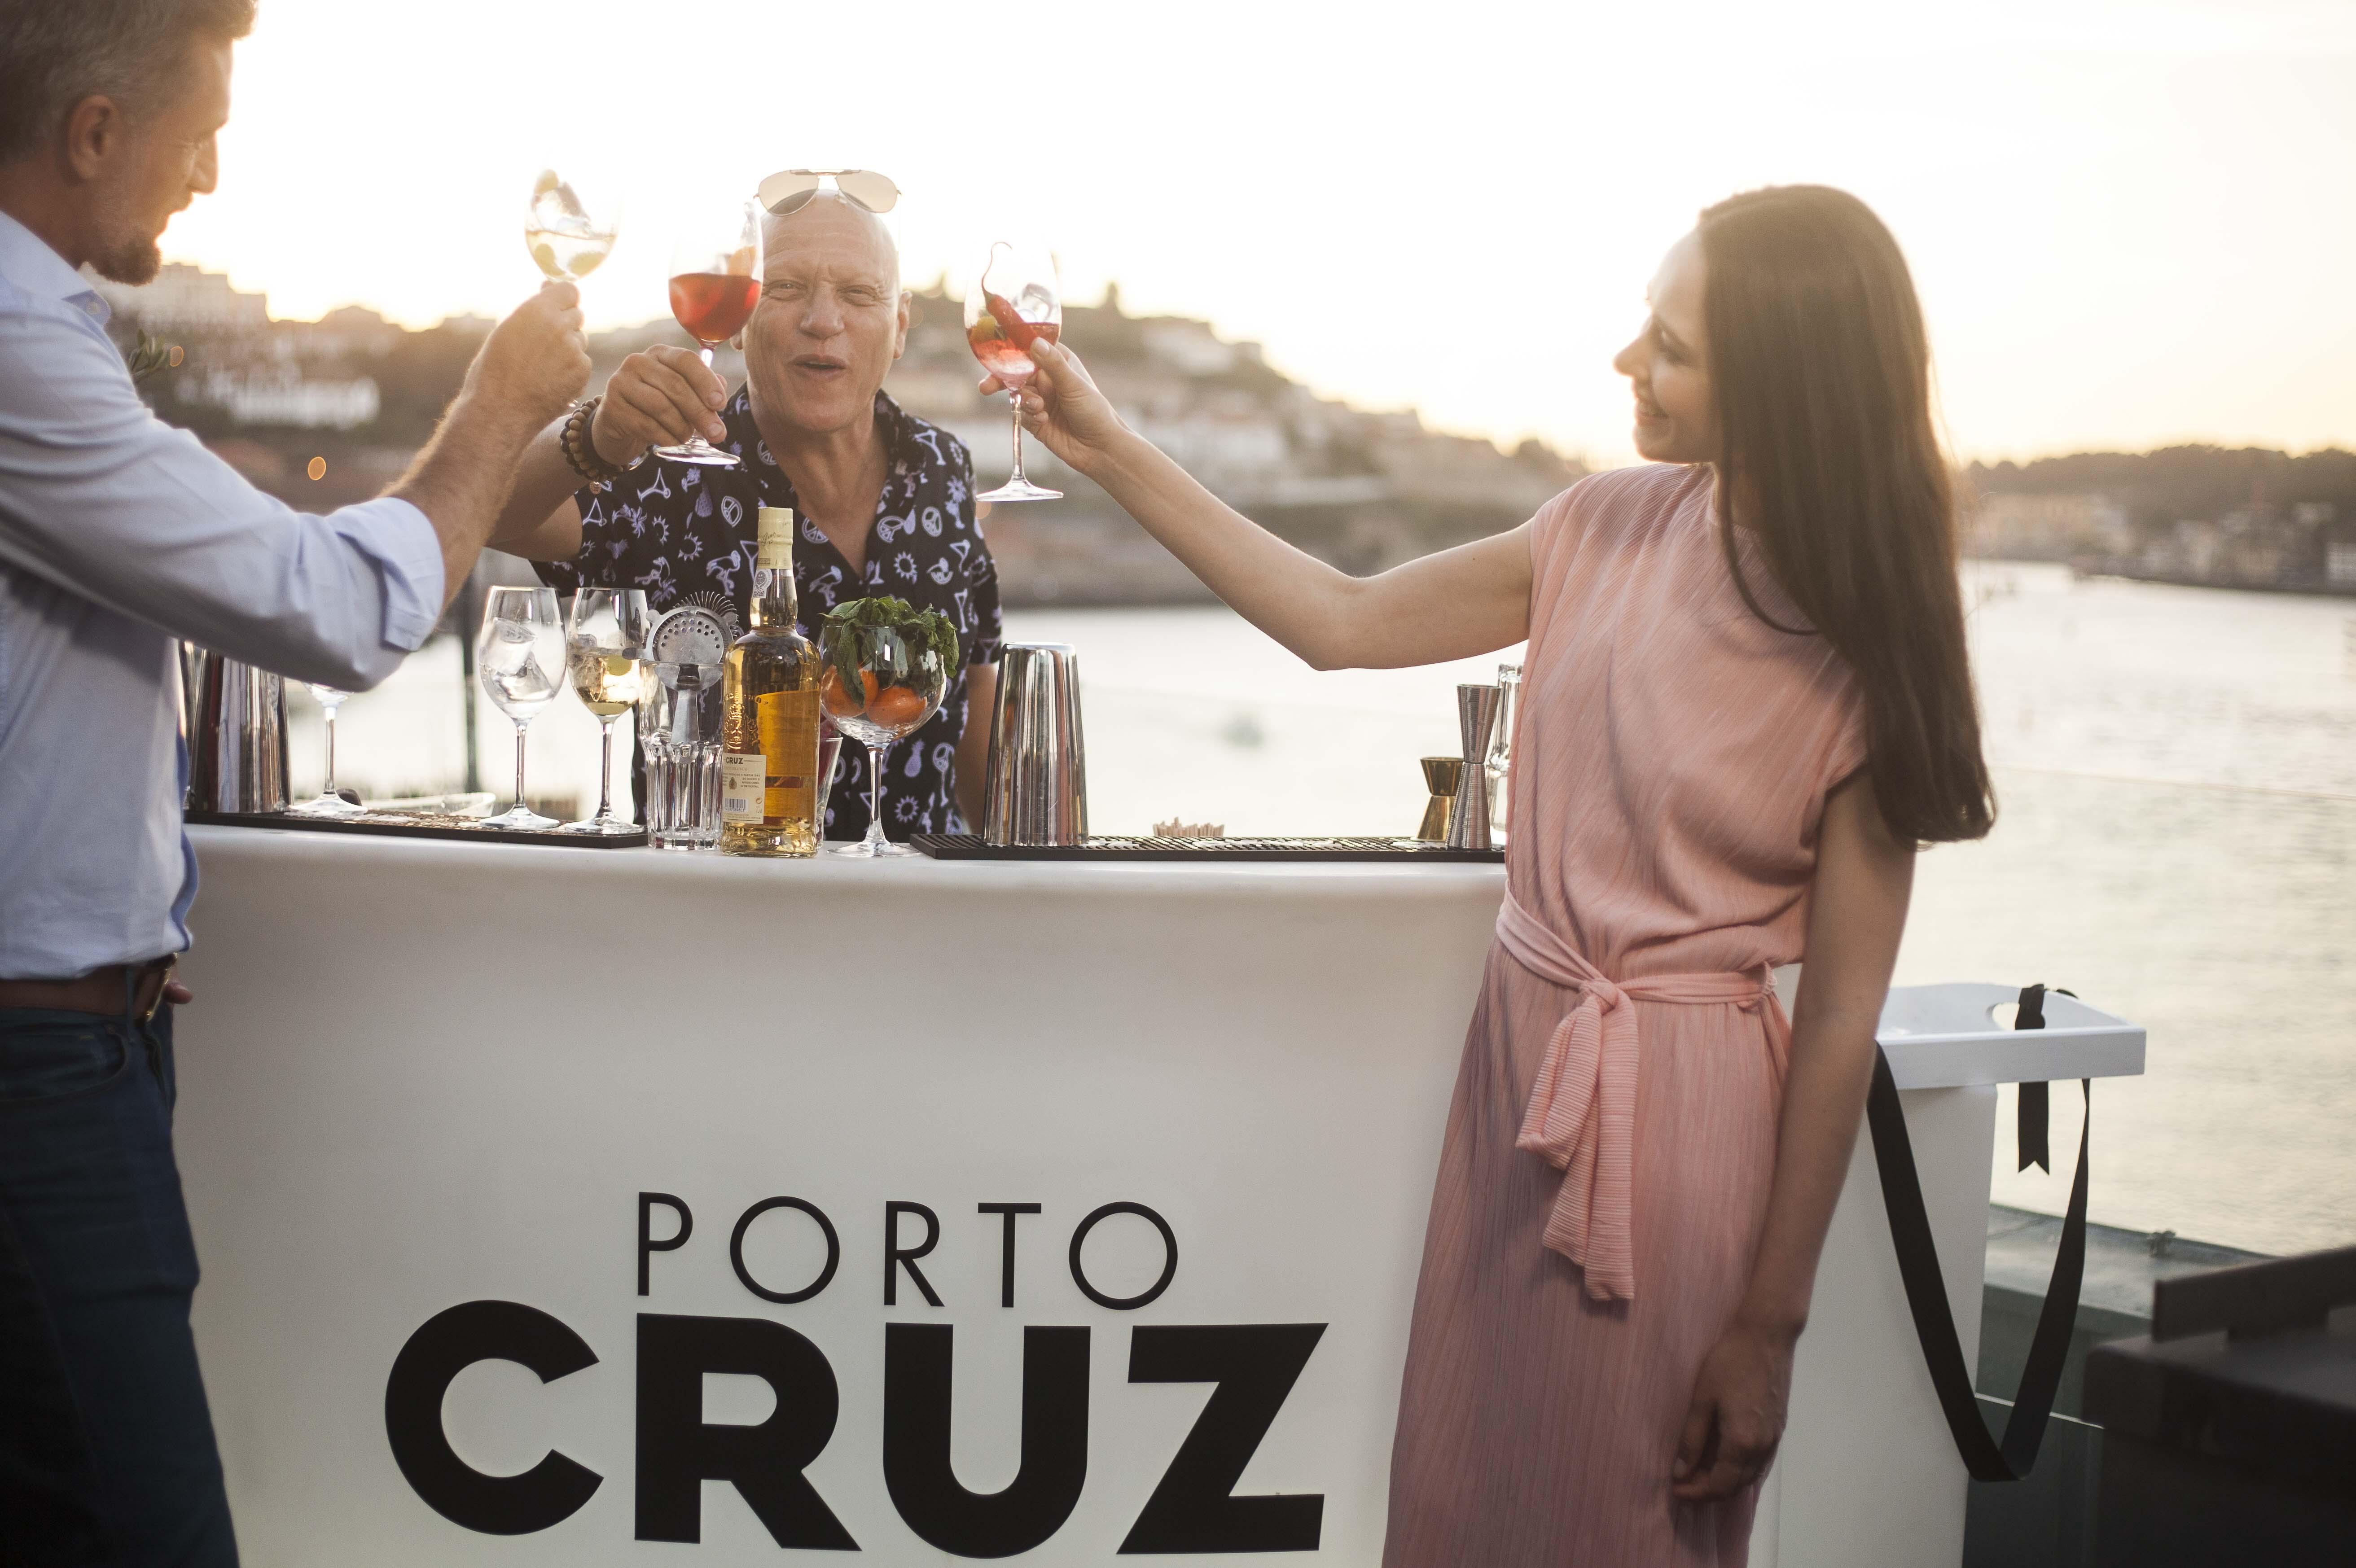 Passe um verão refrescante saboreando o seu vinho do Porto no modo Fresco!